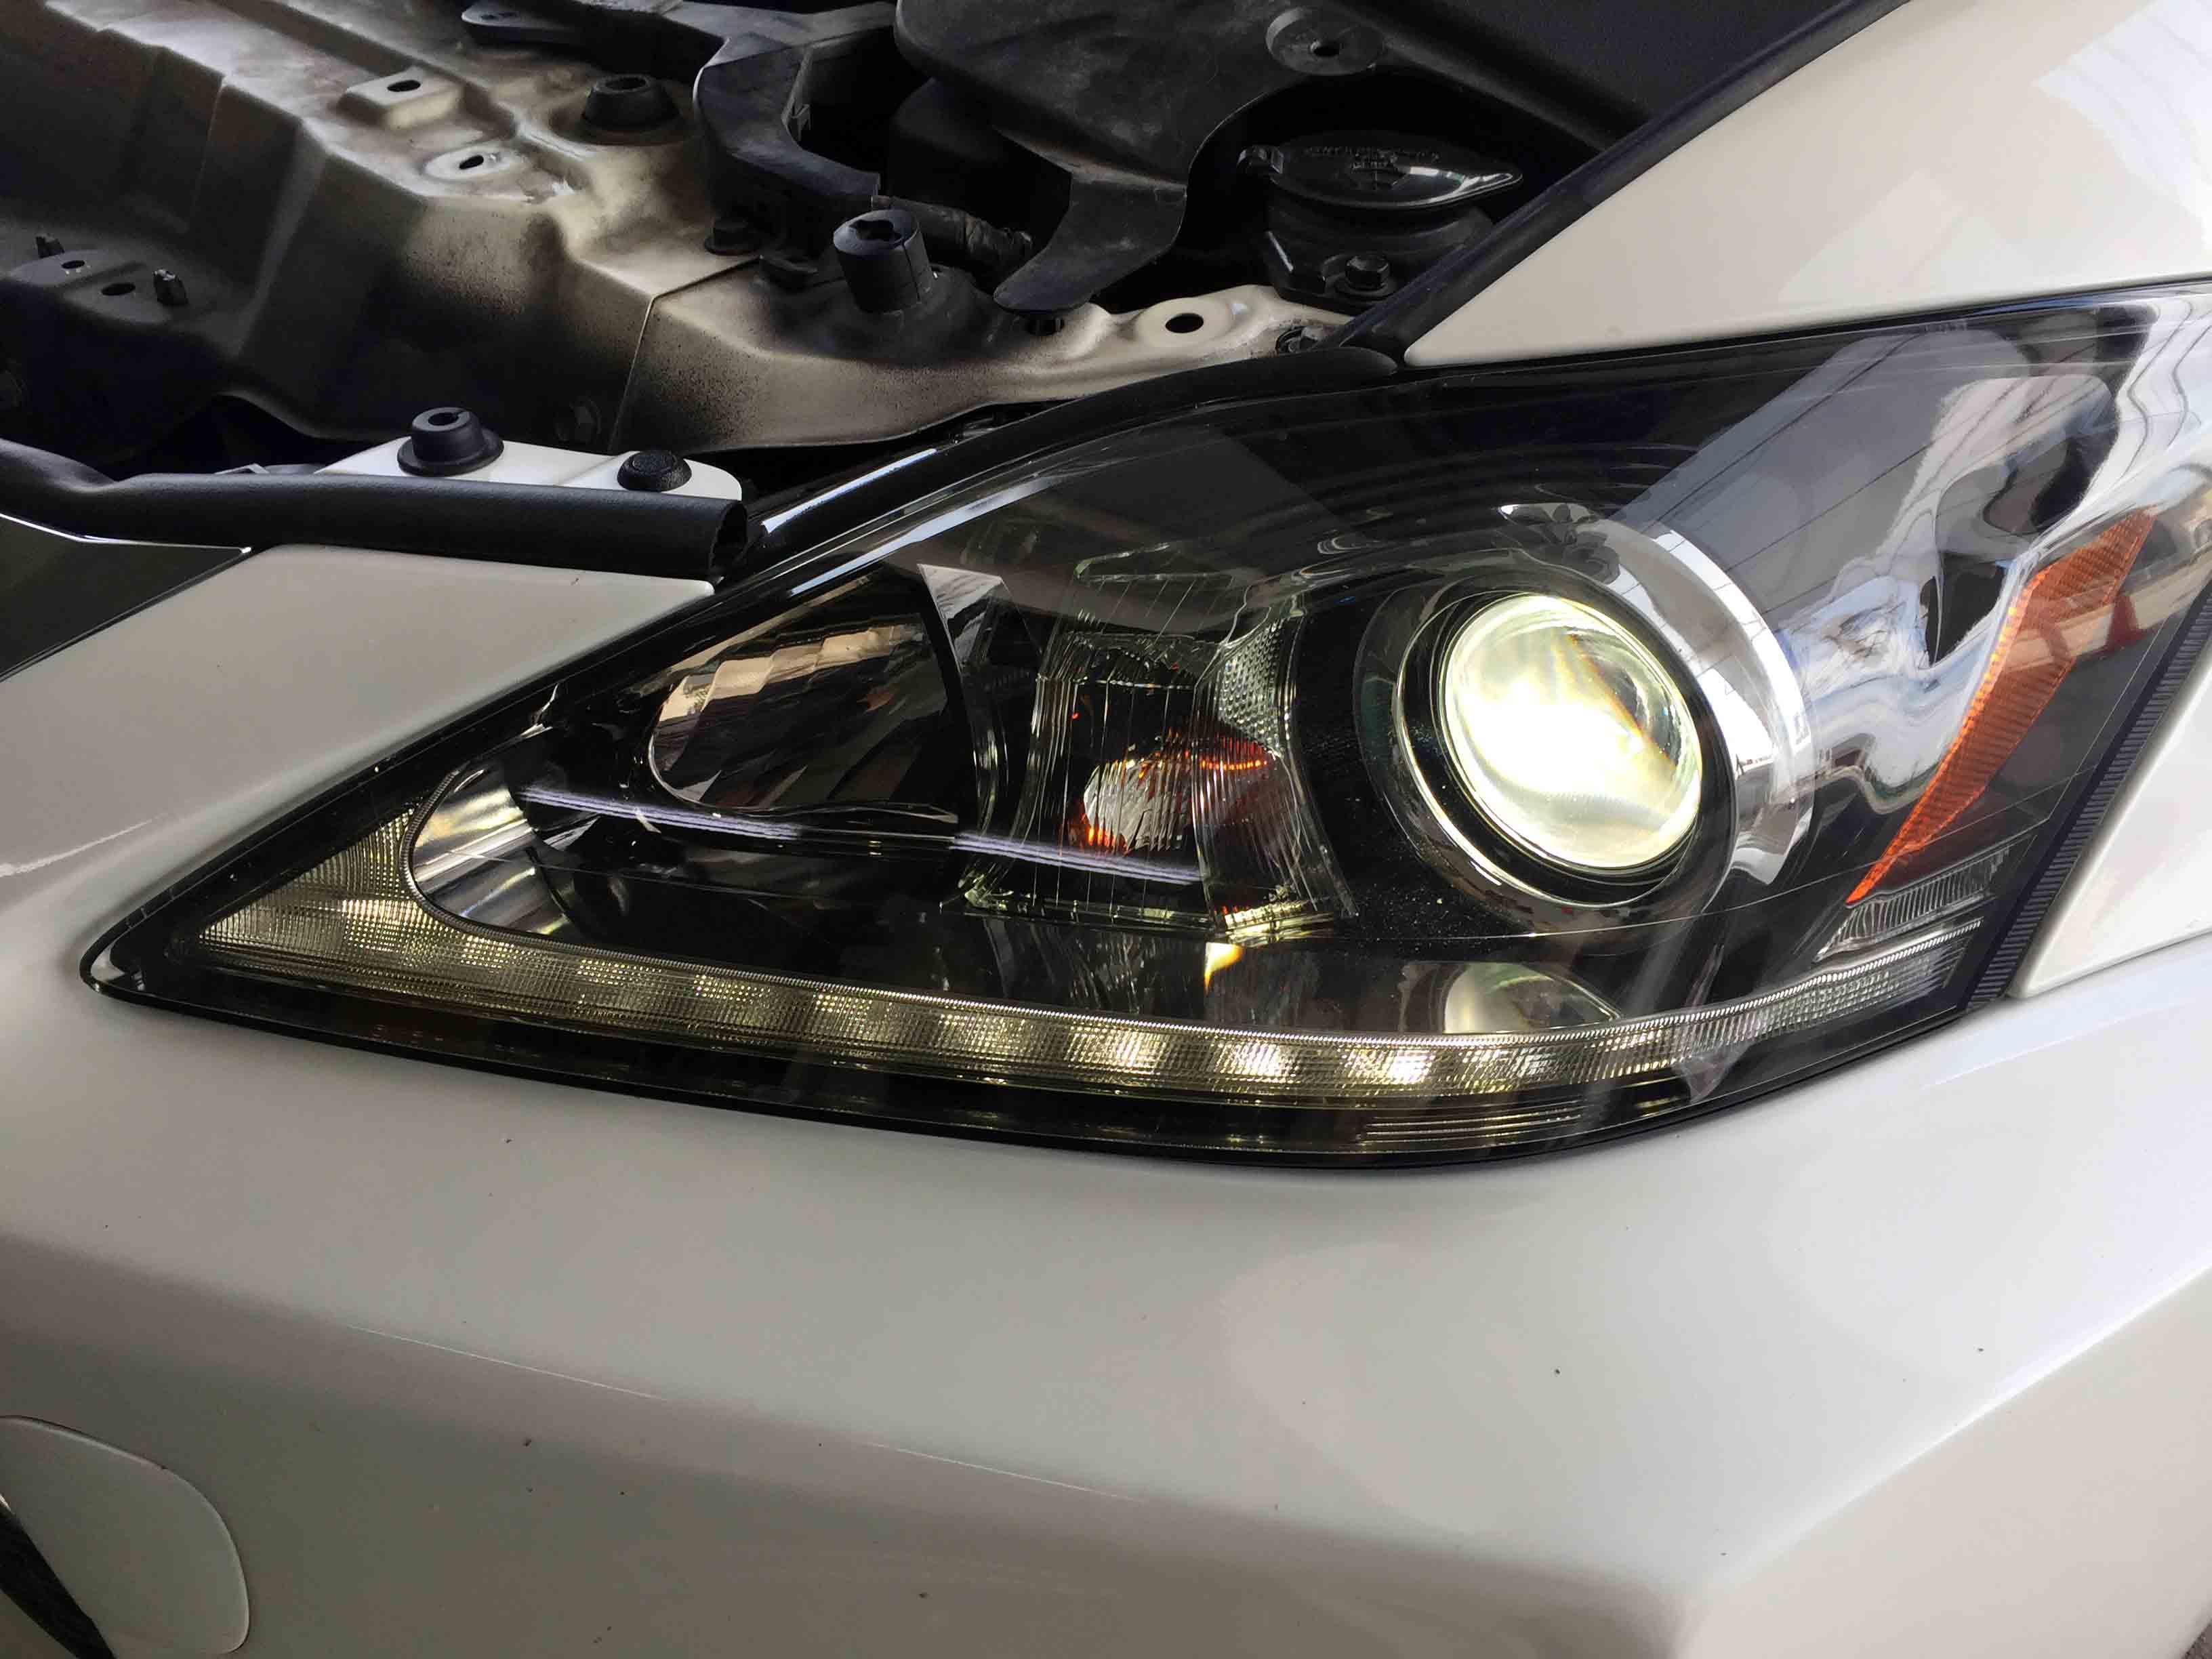 レクサスis後期ヘッドライト取り付け後Lポジや各ライト異常なく点灯します。